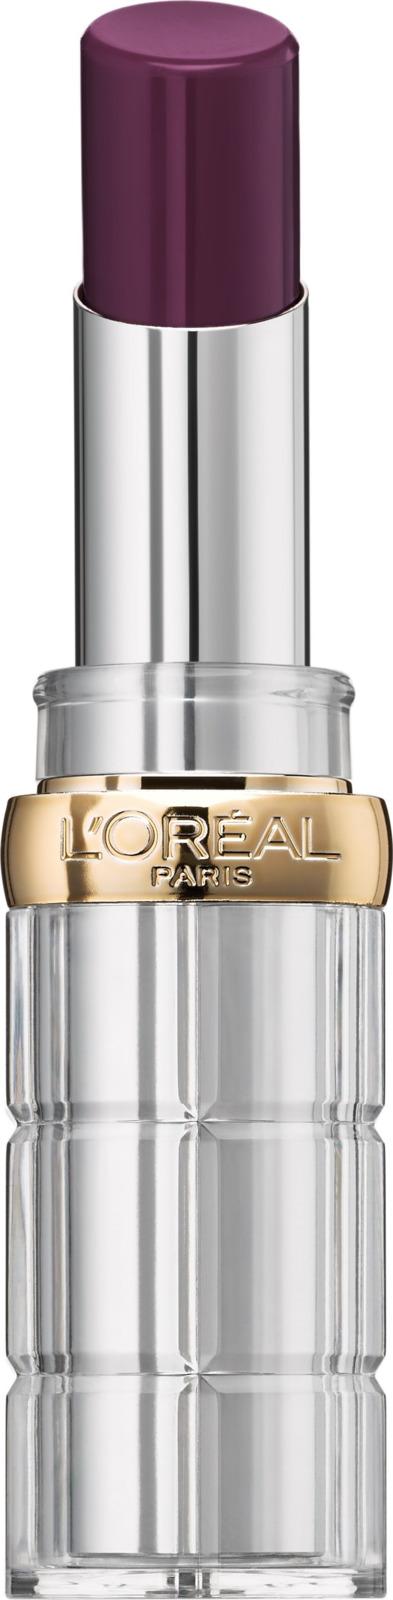 Помада для губ L'Oreal Paris Color Riche Shine, сияющая, защищающая, увлажняющая, оттенок 466, 4,8 г